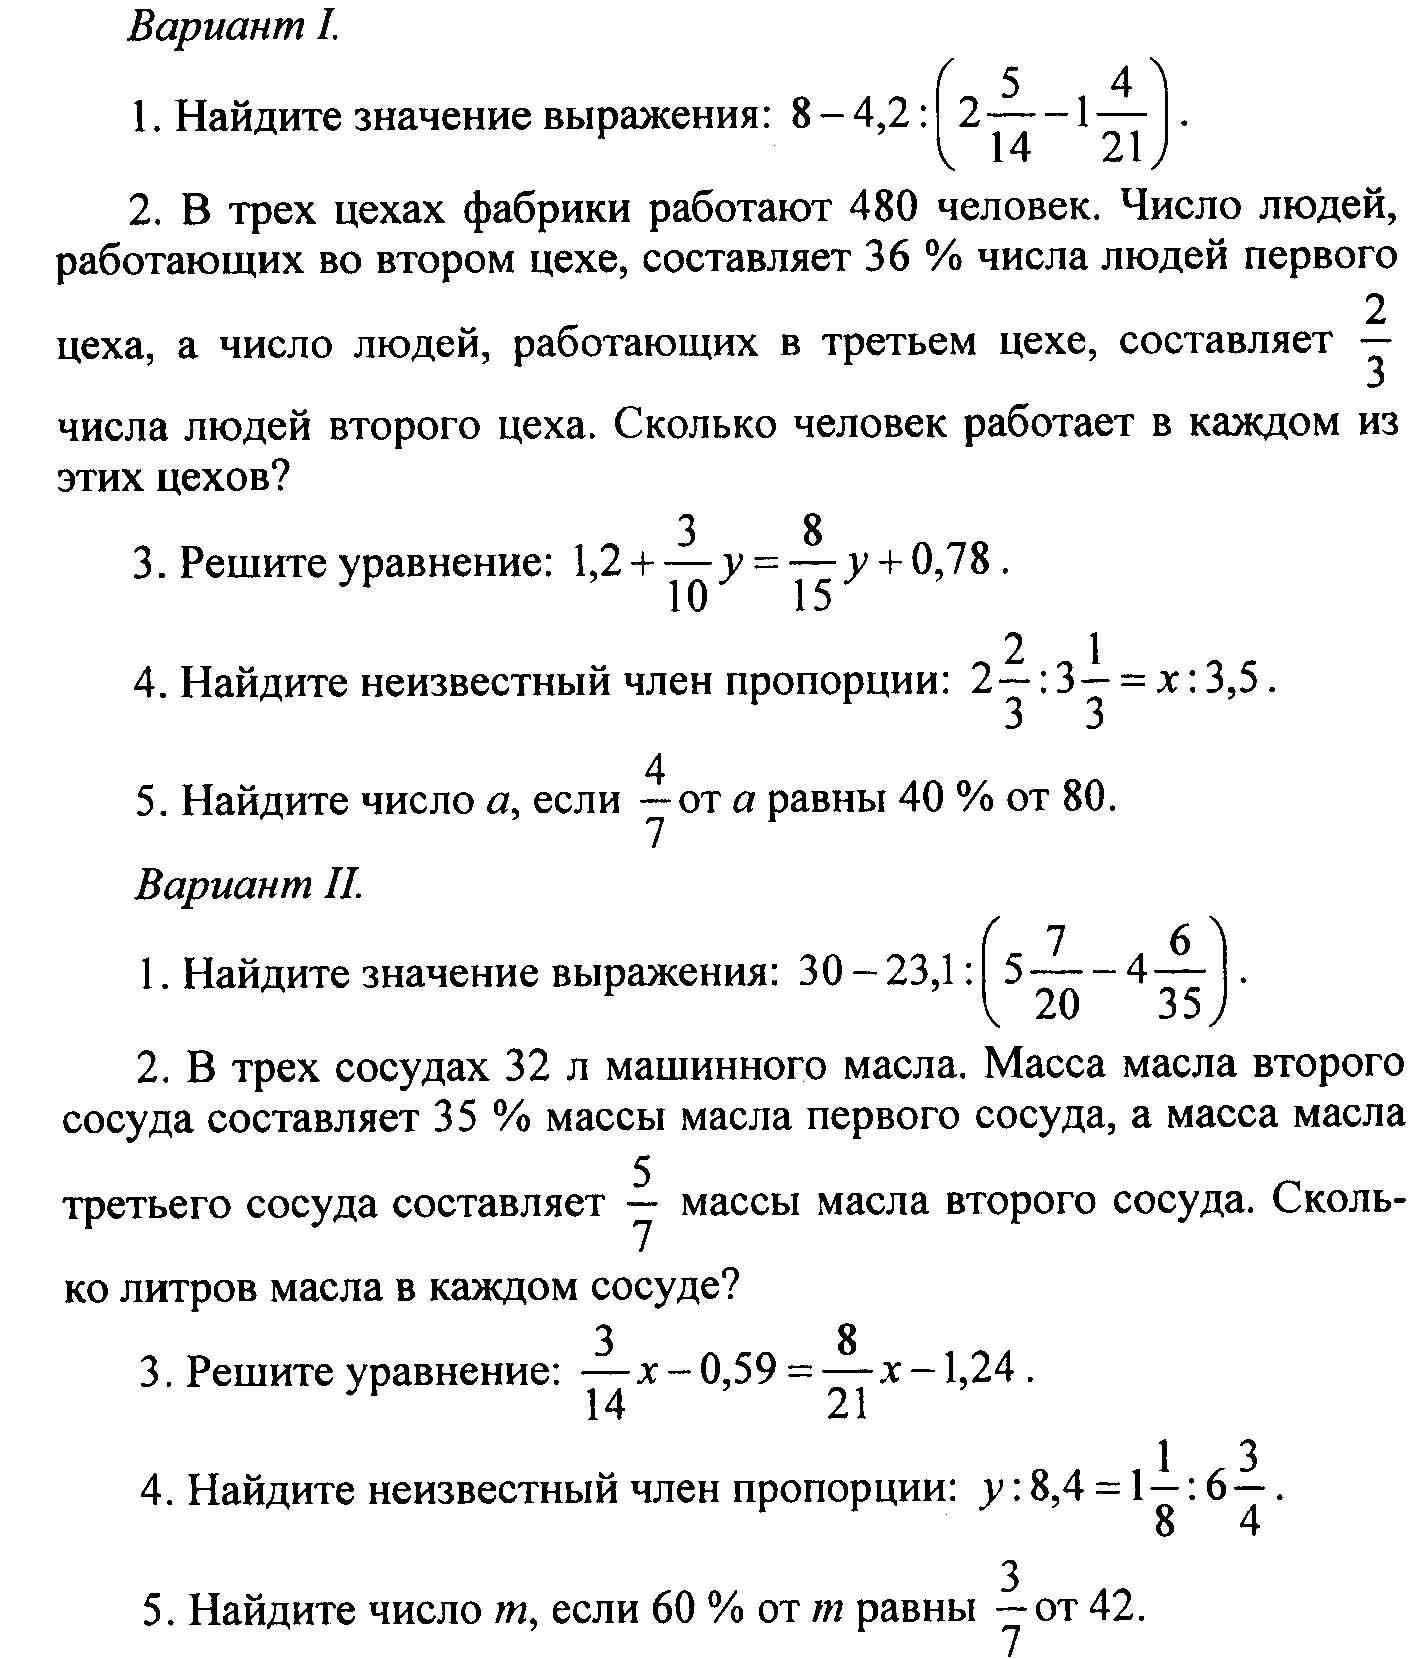 Рабочая программа по математике класс  Итоговая контрольная работа по математике в 6 классе hello html 39eb4ad9 png